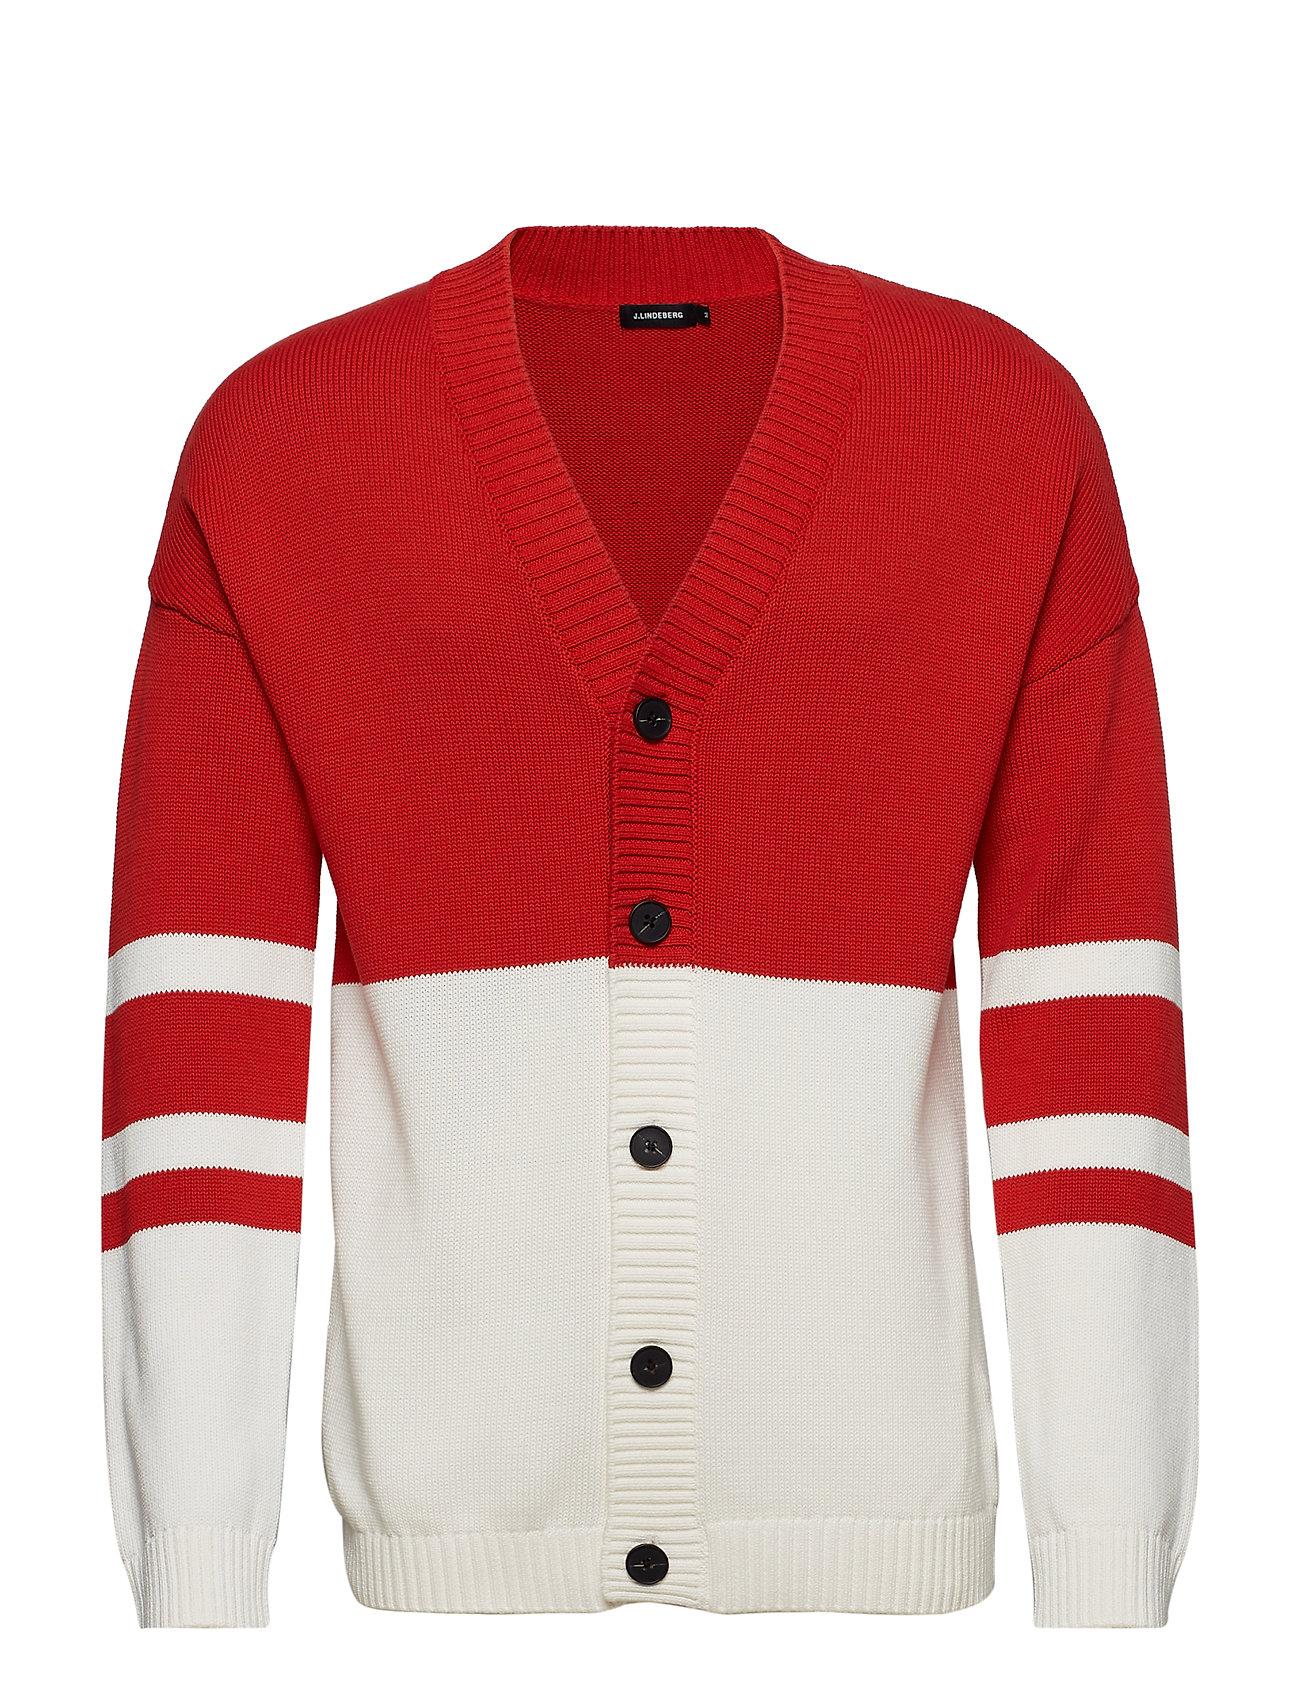 J. Lindeberg Dorian Cardigan Cotton - DEEP RED